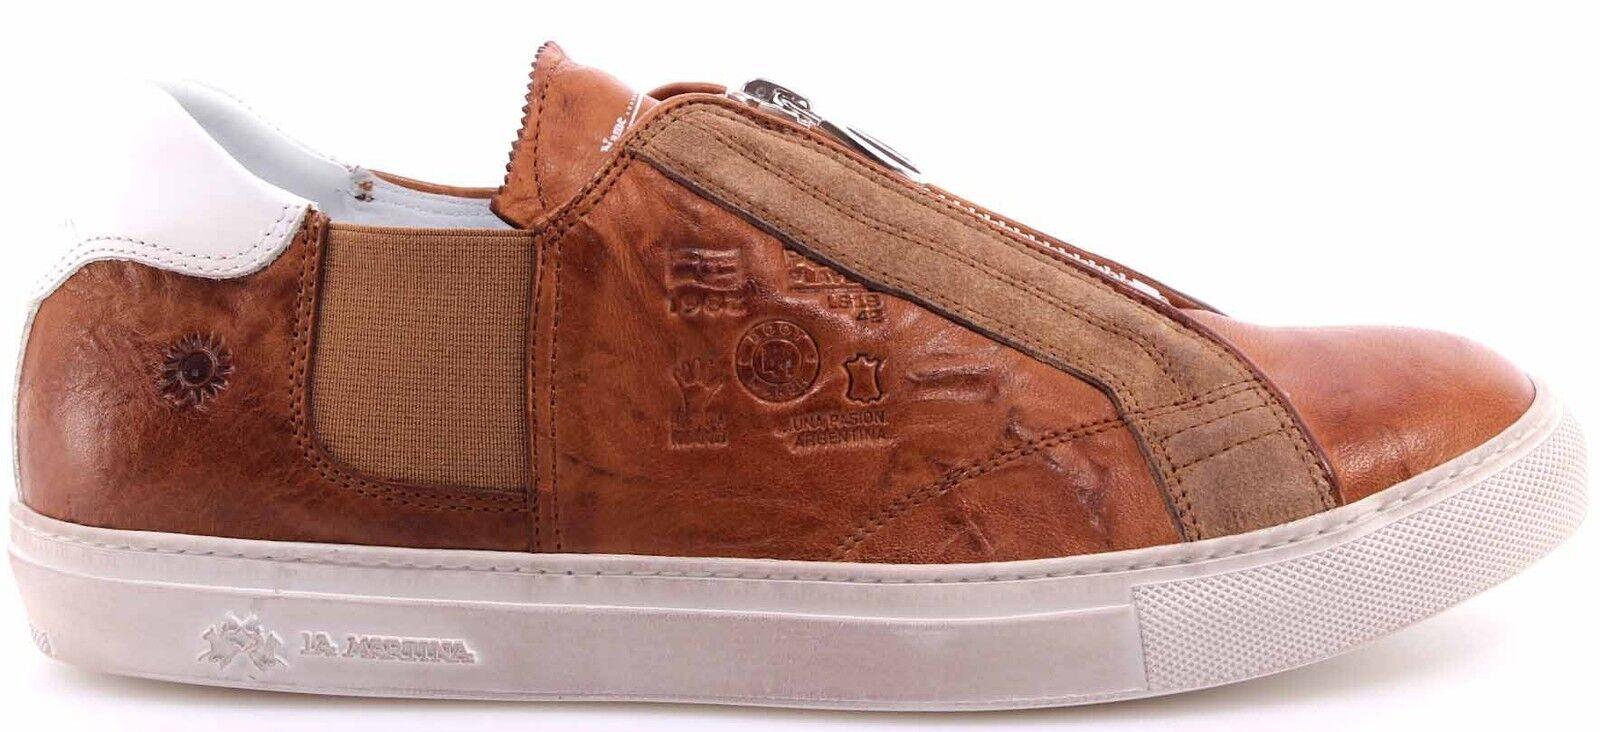 Scarpe Sneakers In Uomo LA MARTINA L3000121 Plutone Cuoio Made In Sneakers Italy Nuove New d422f8